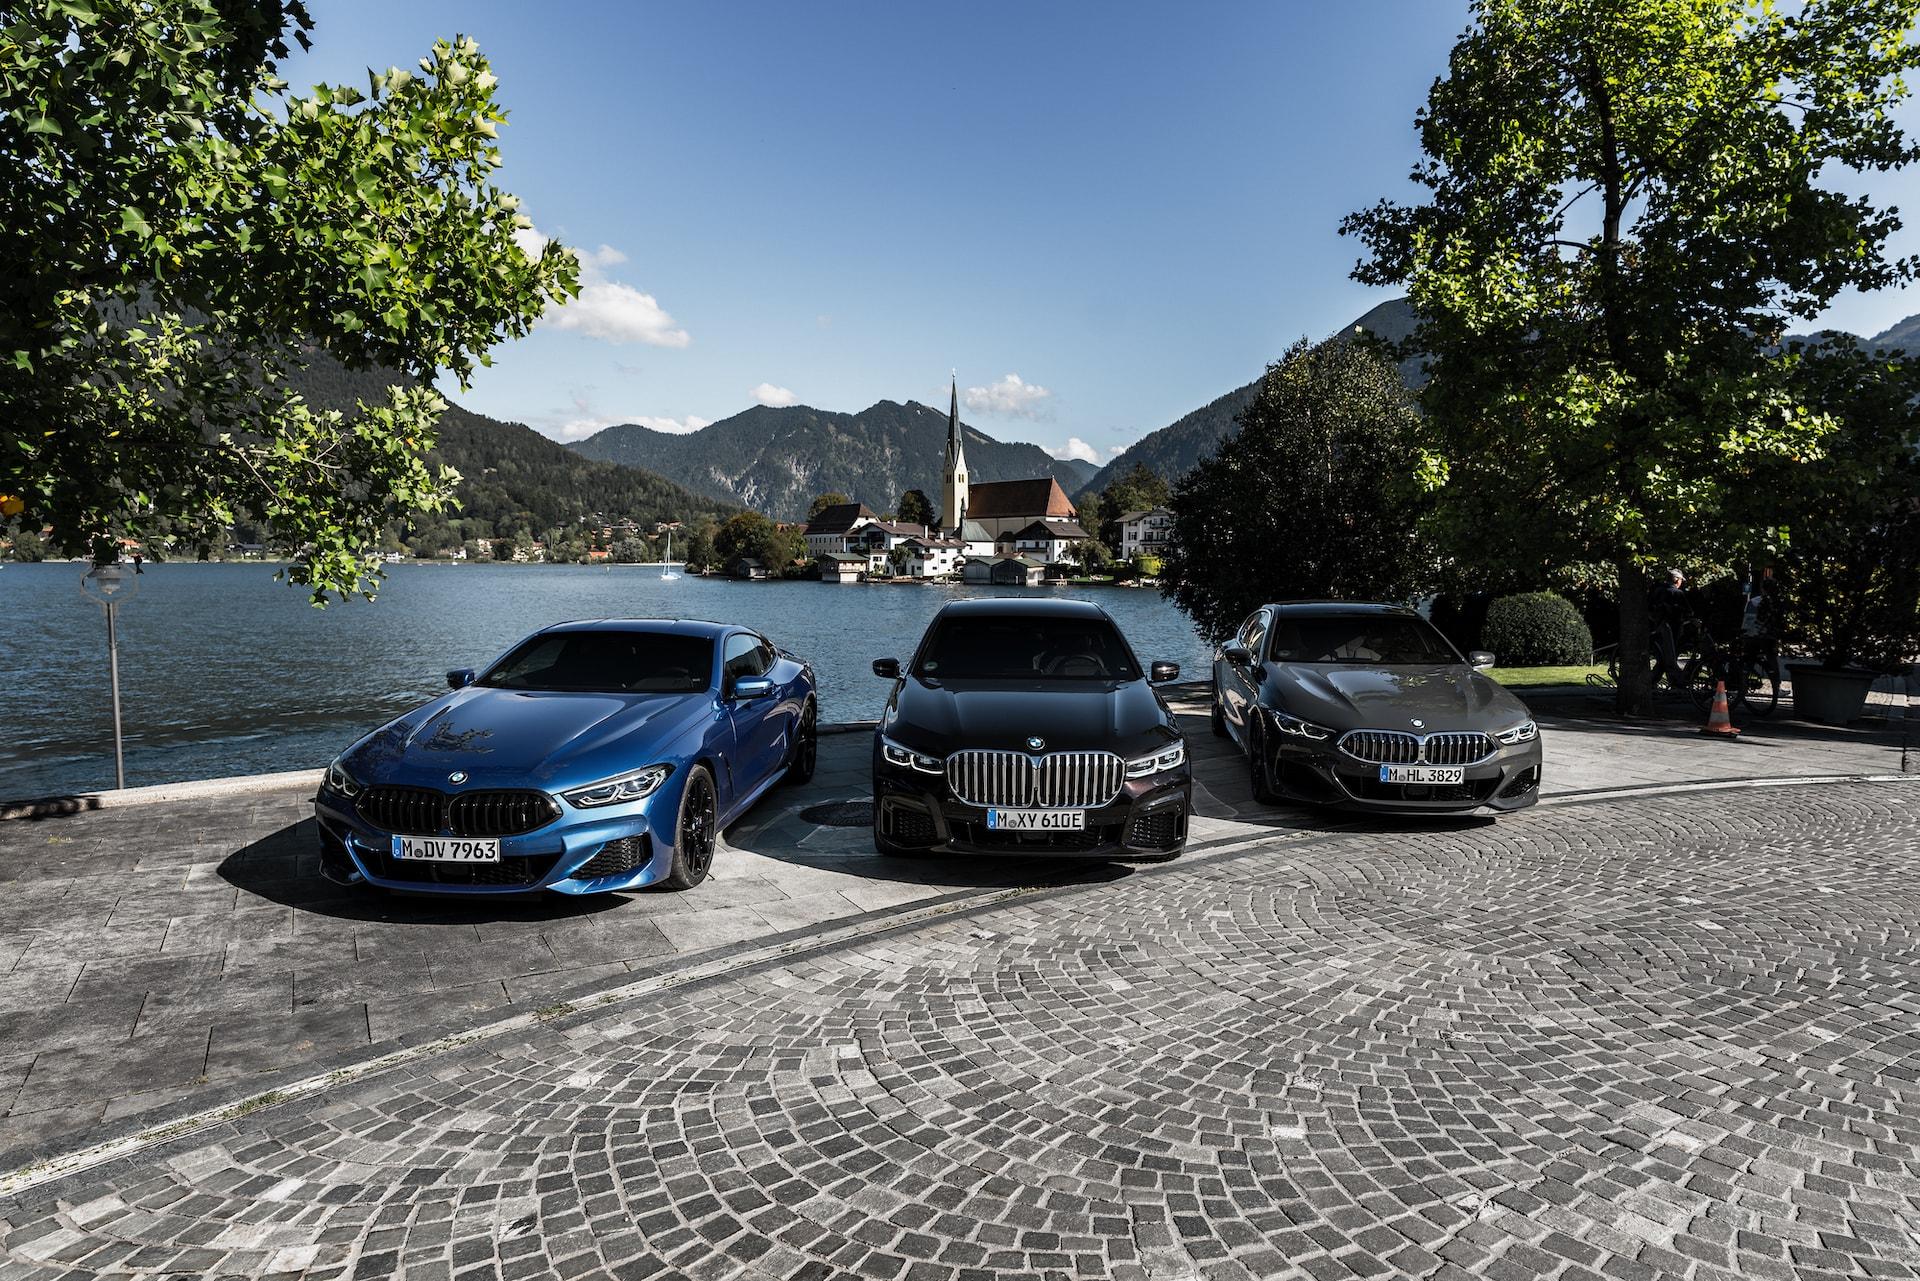 The Power of Choice: Für welches BMW Modell würdest du Dich entscheiden? 7